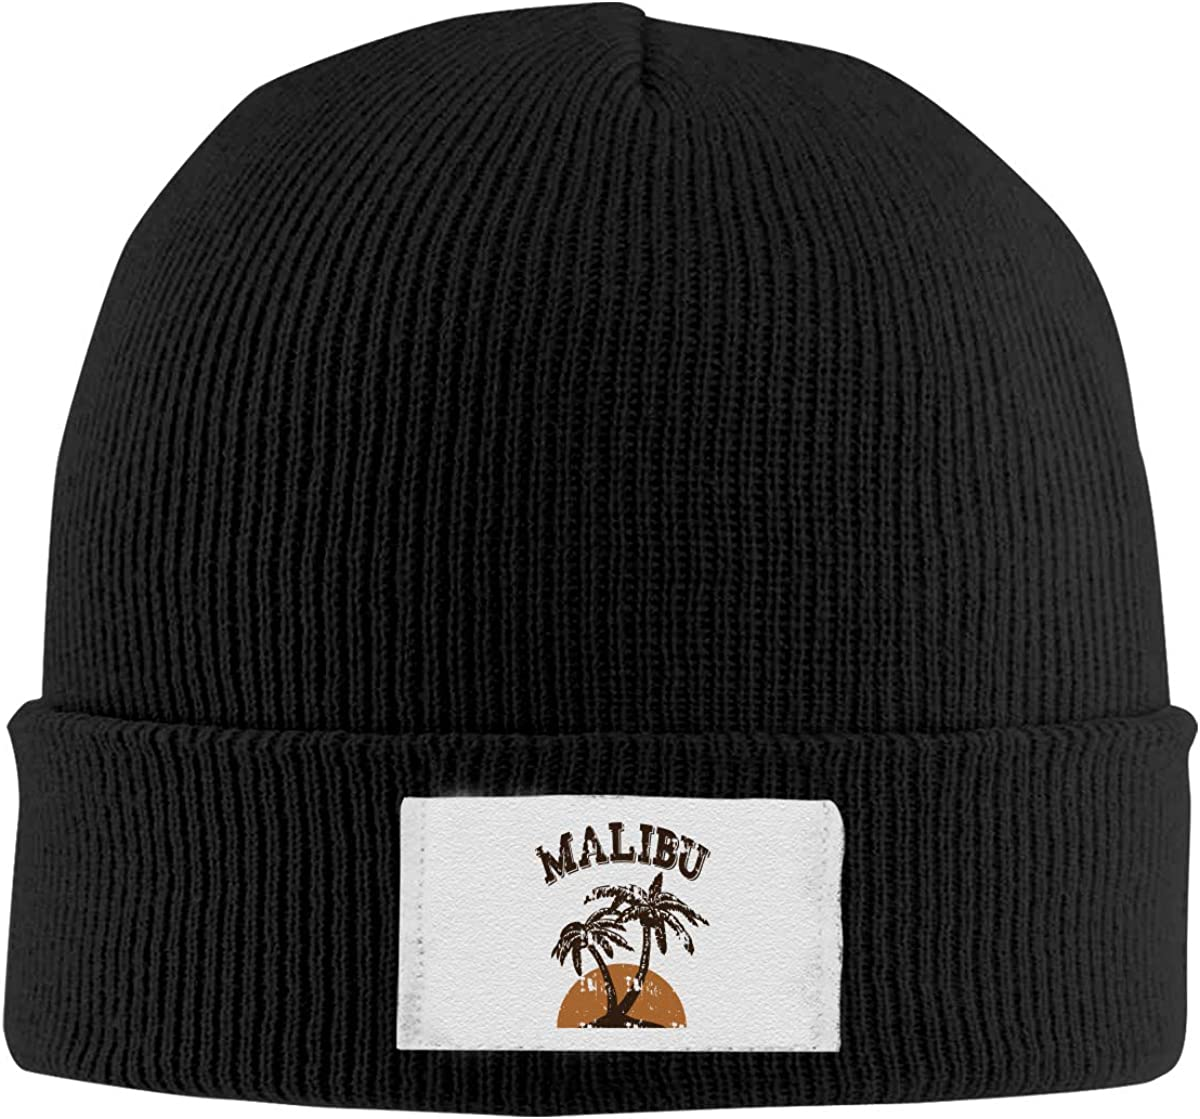 ASDGEGASFAS Unisex Malibu Rum Skull Cap Knit Wool Beanie Hat Stretchy Solid Daily Wear